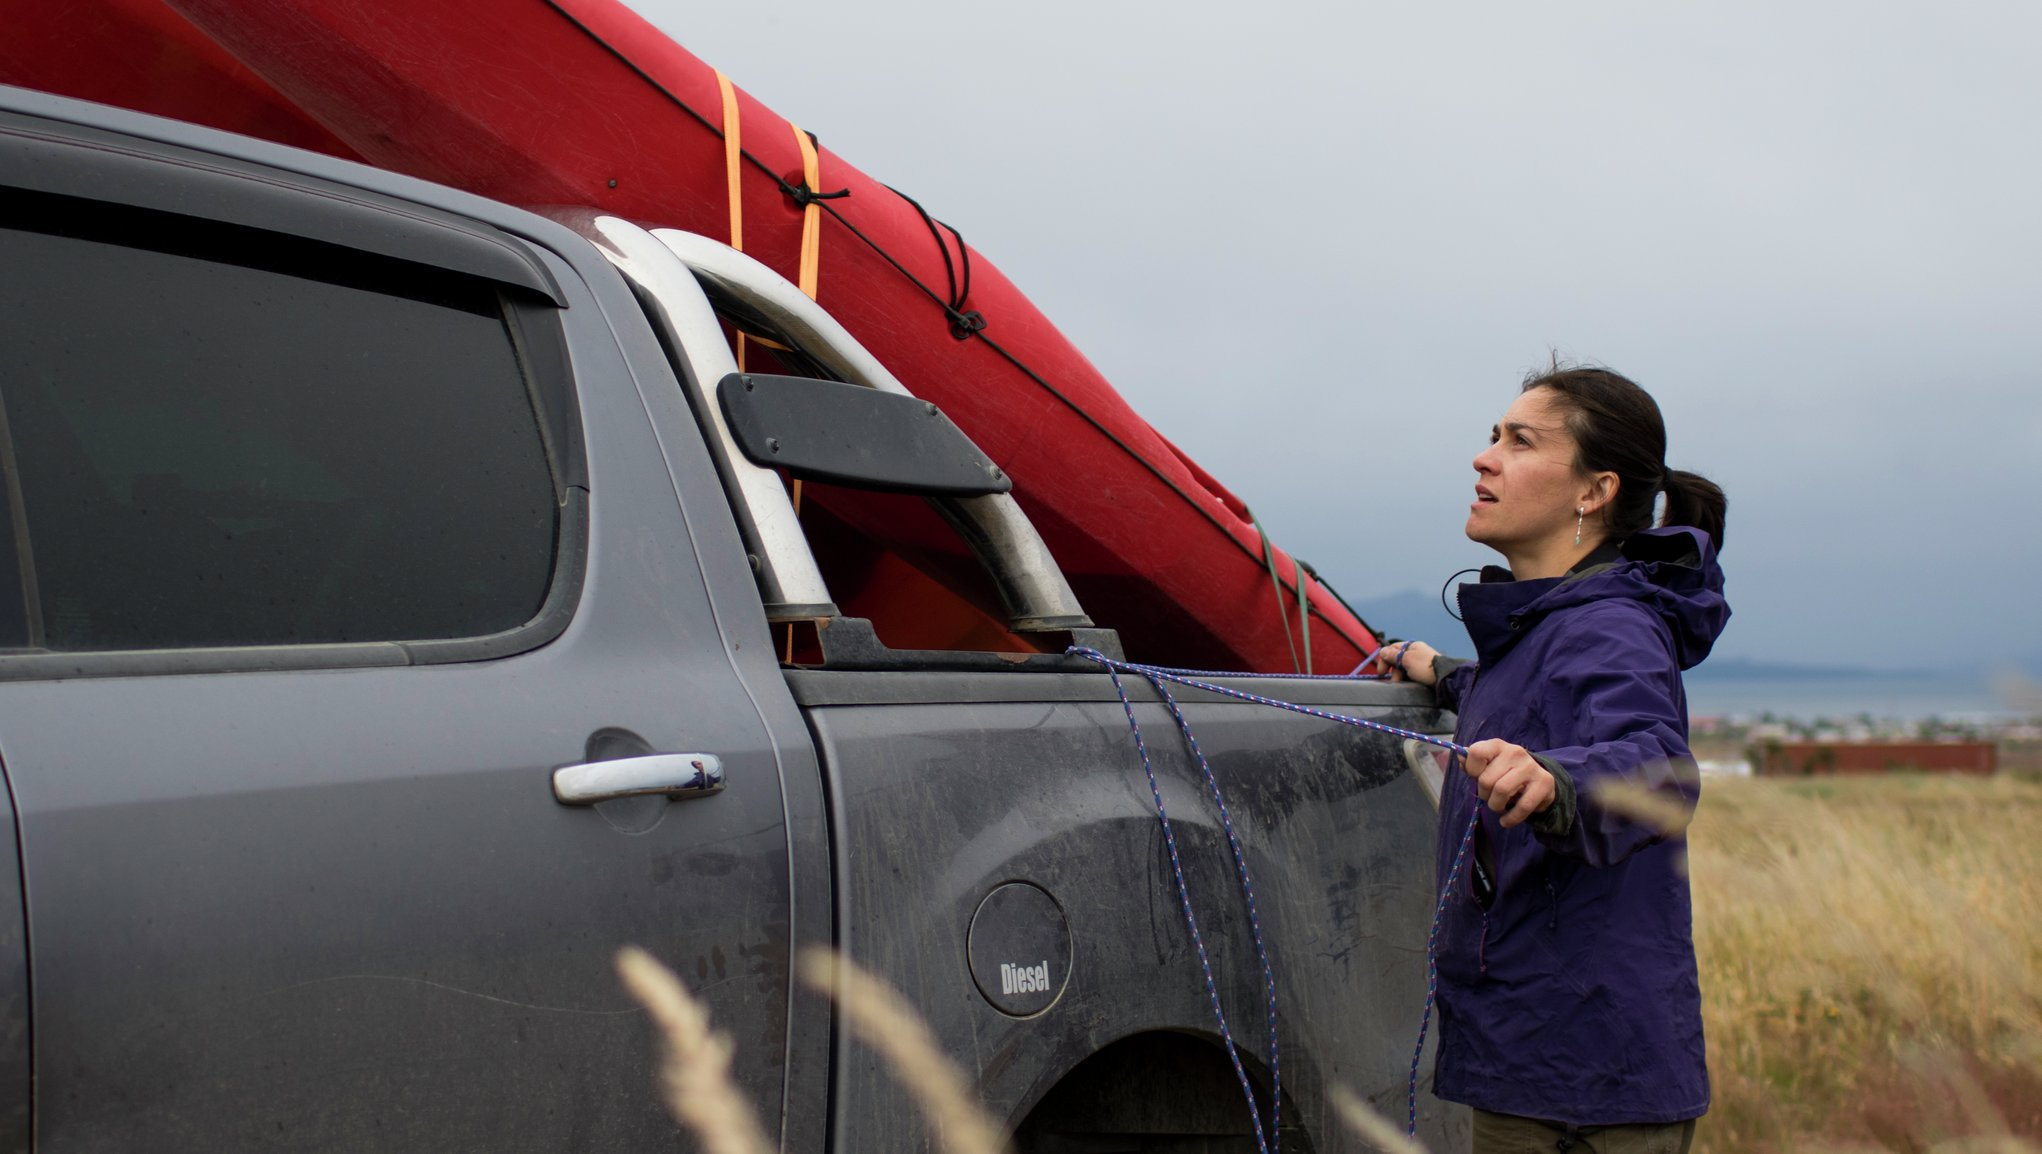 En kvinna fäster surfbräda på biltak